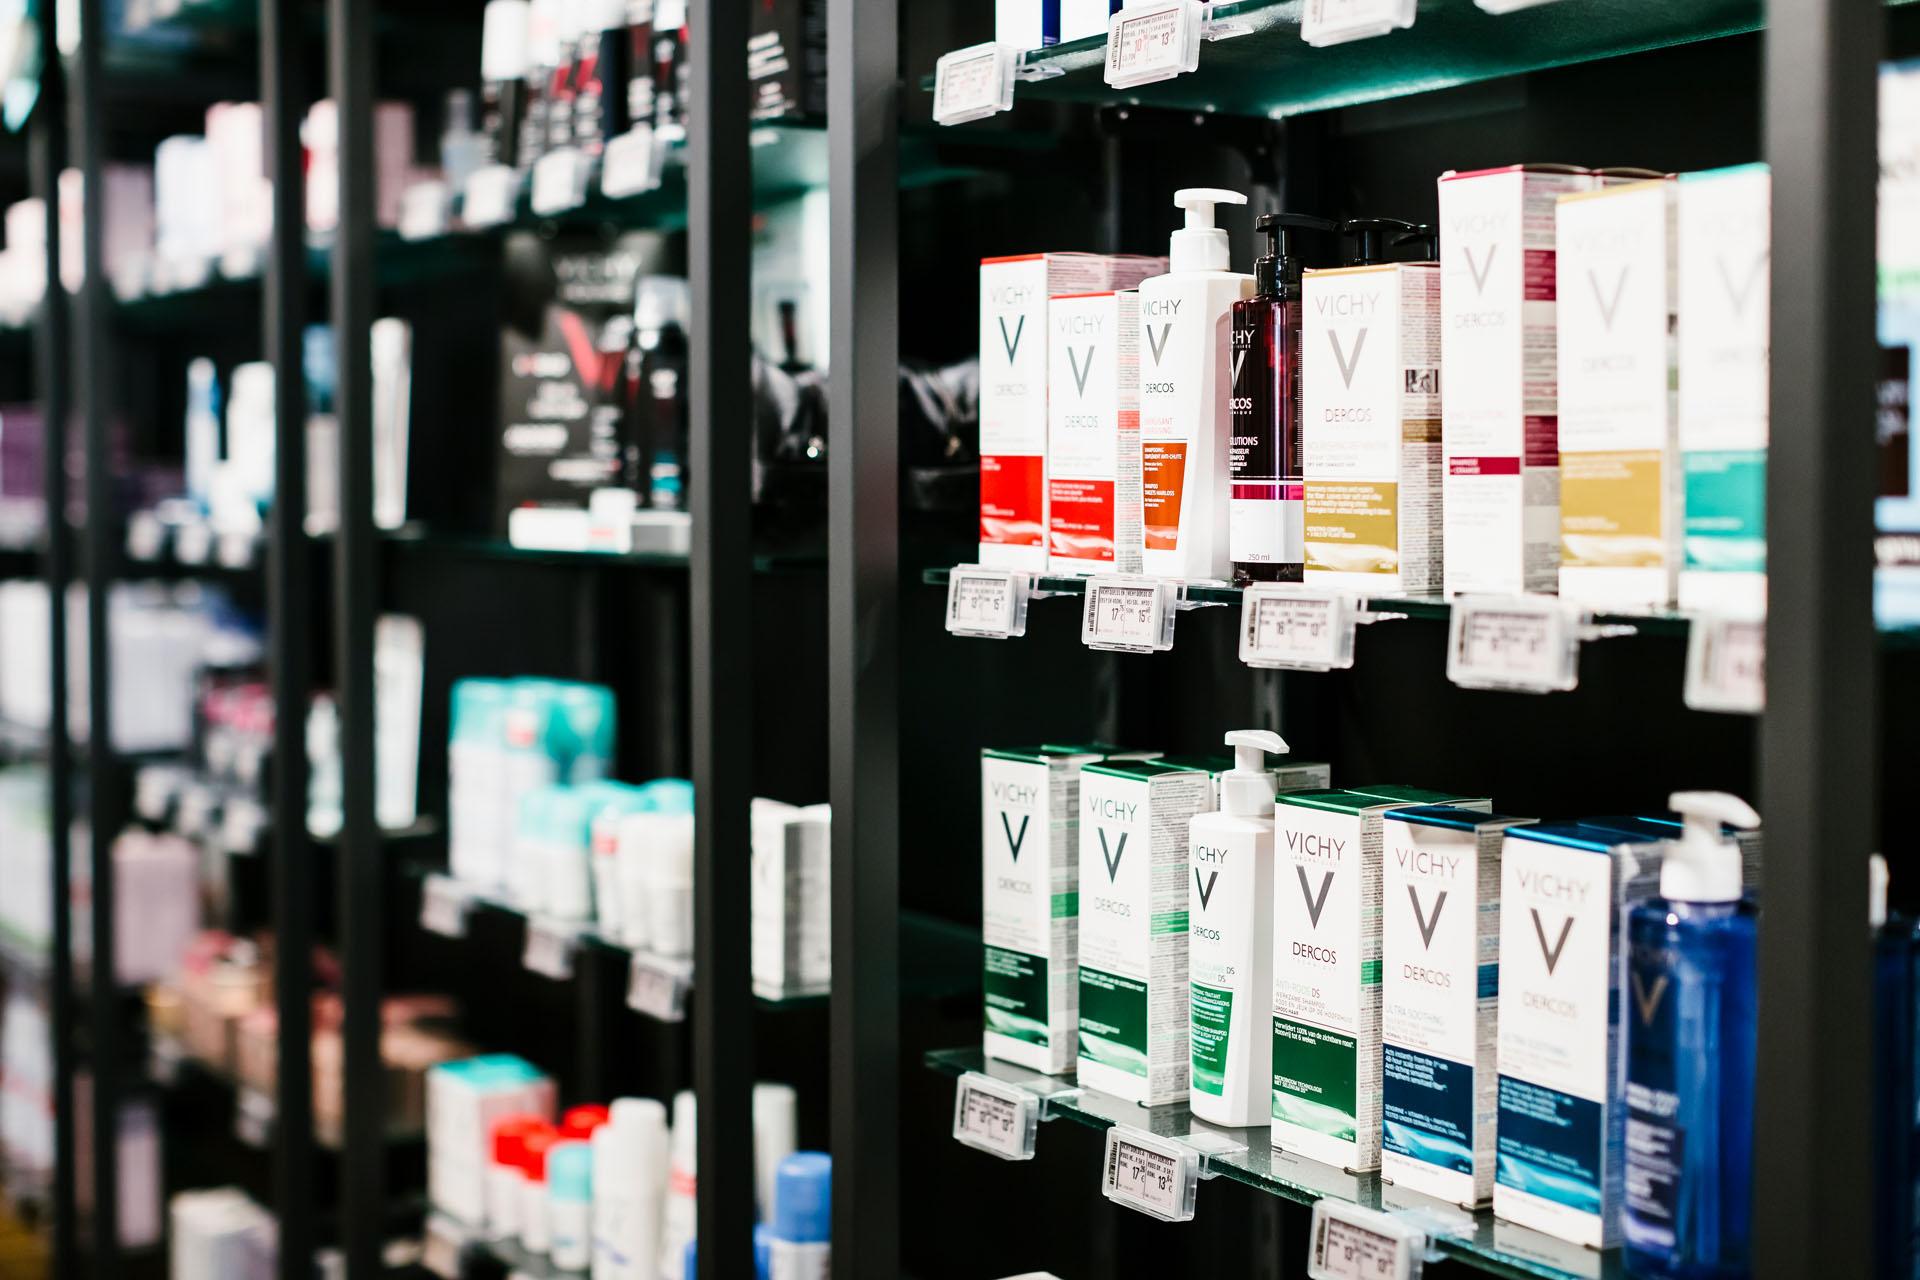 Apotheker Vingerhoets Sint-Job-in-'t-Goor